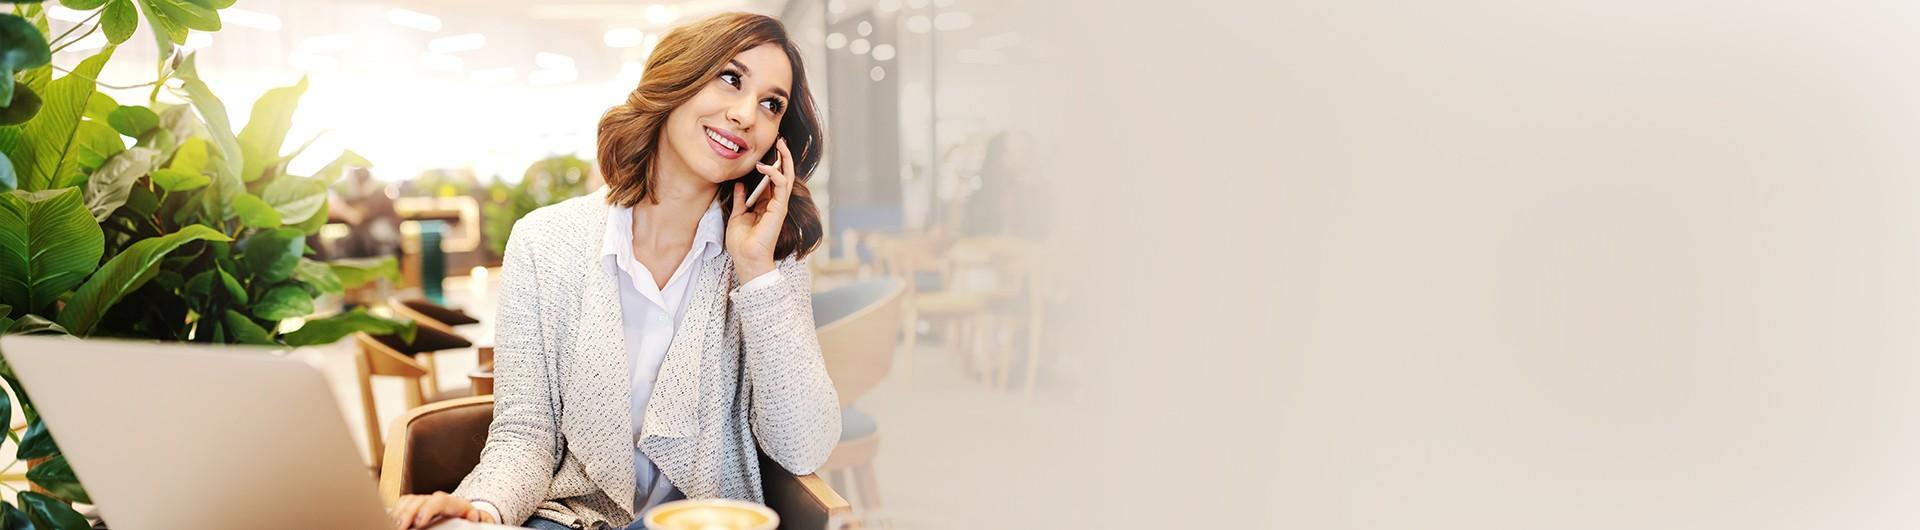 20 כללי פרסום אפקטיבי לעסקים קטנים